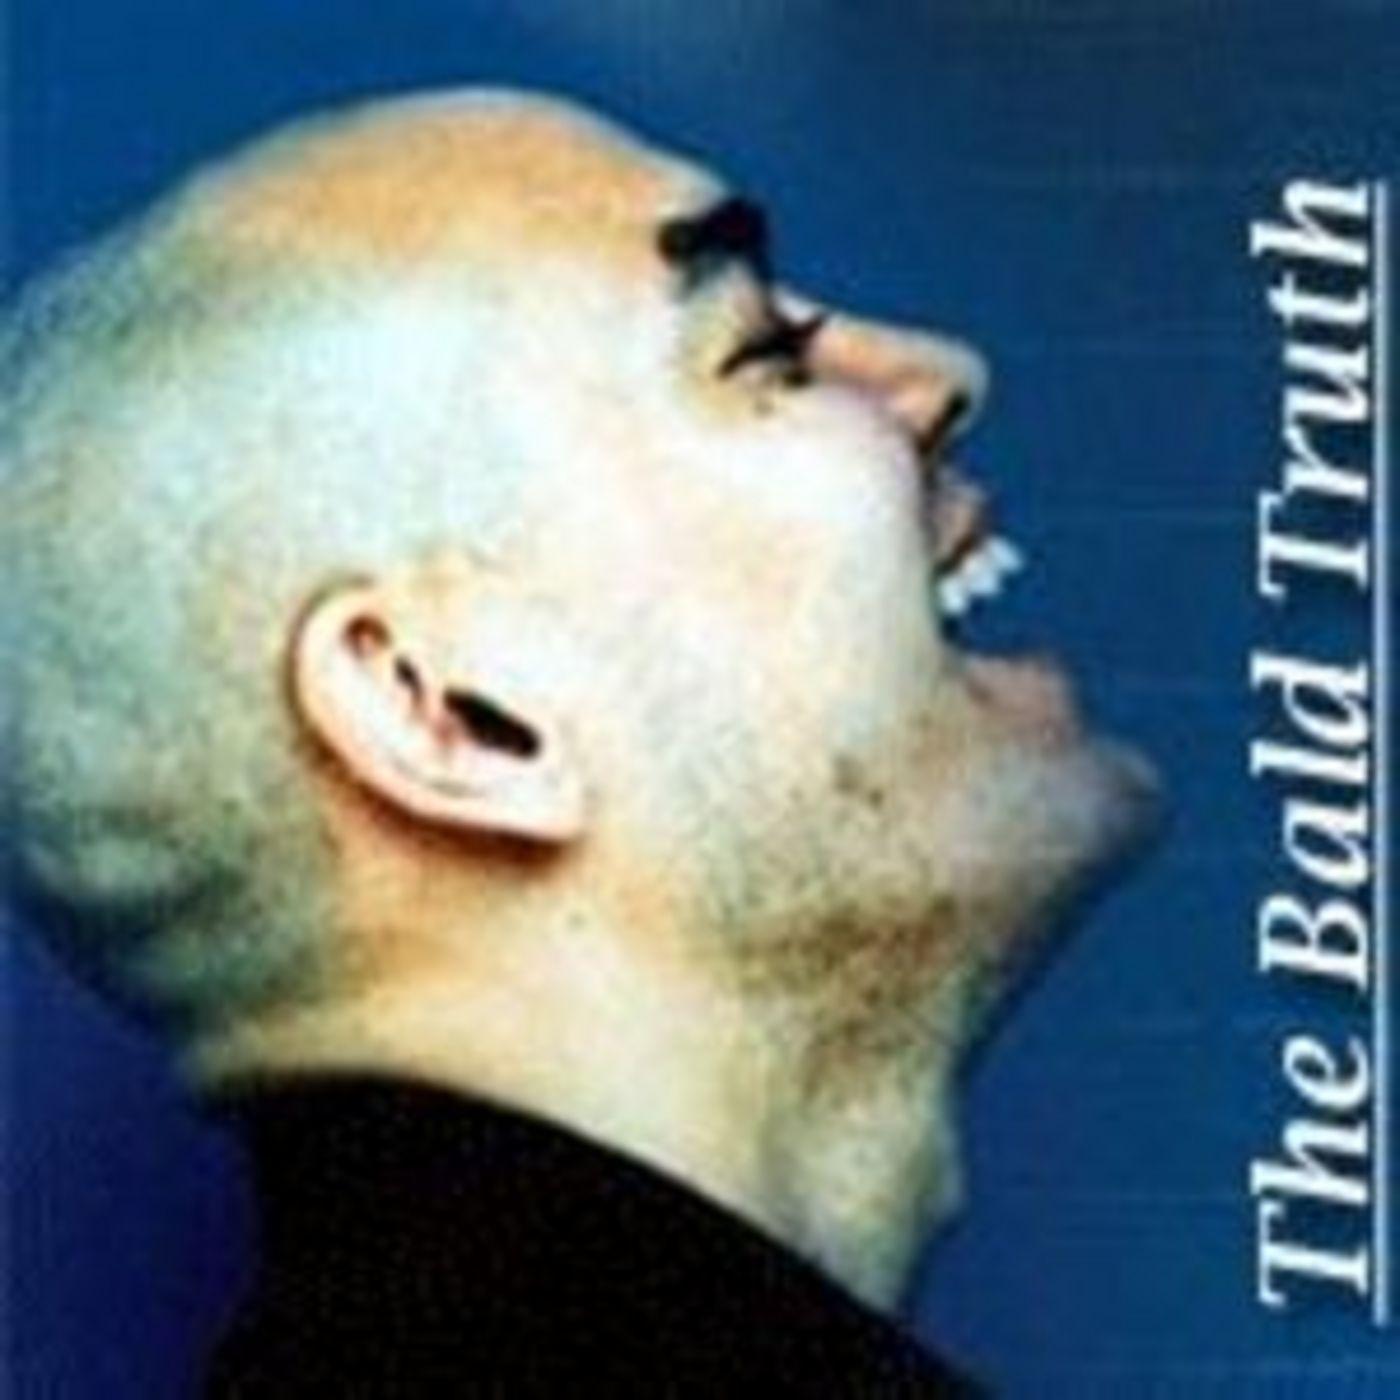 <![CDATA[Spencer Kobren's The Bald Truth]]>